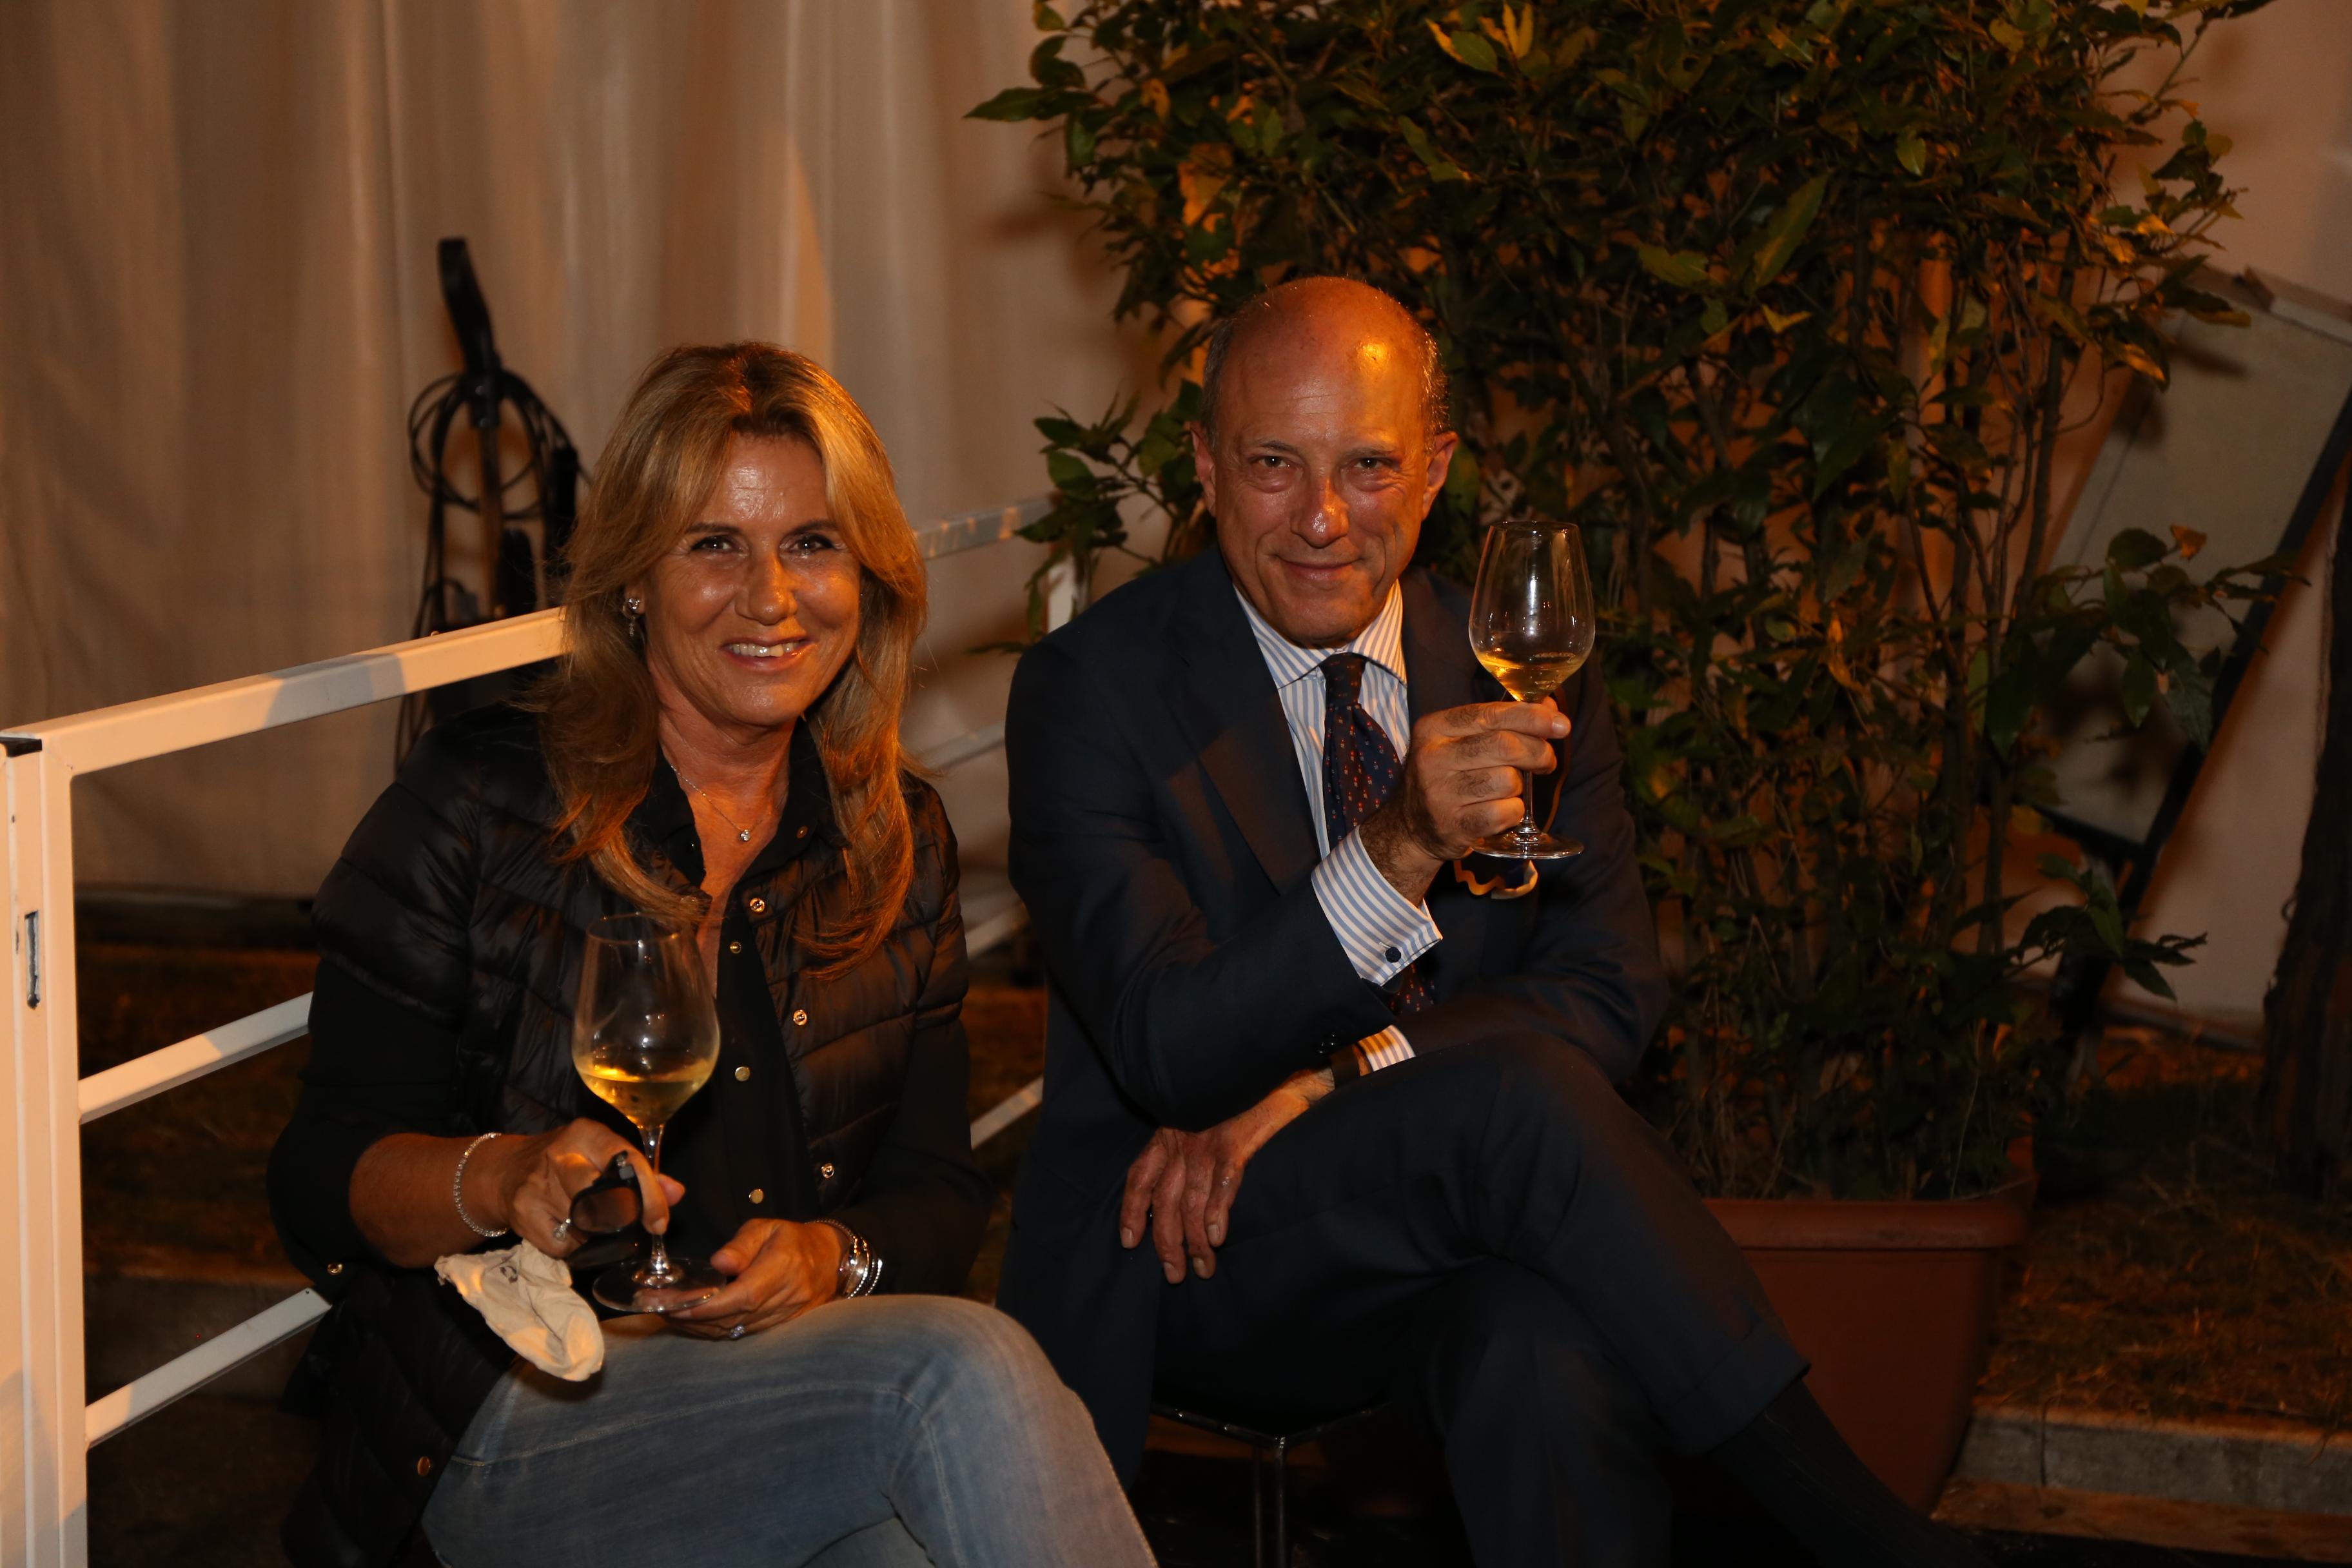 corso vino roma vinòforum